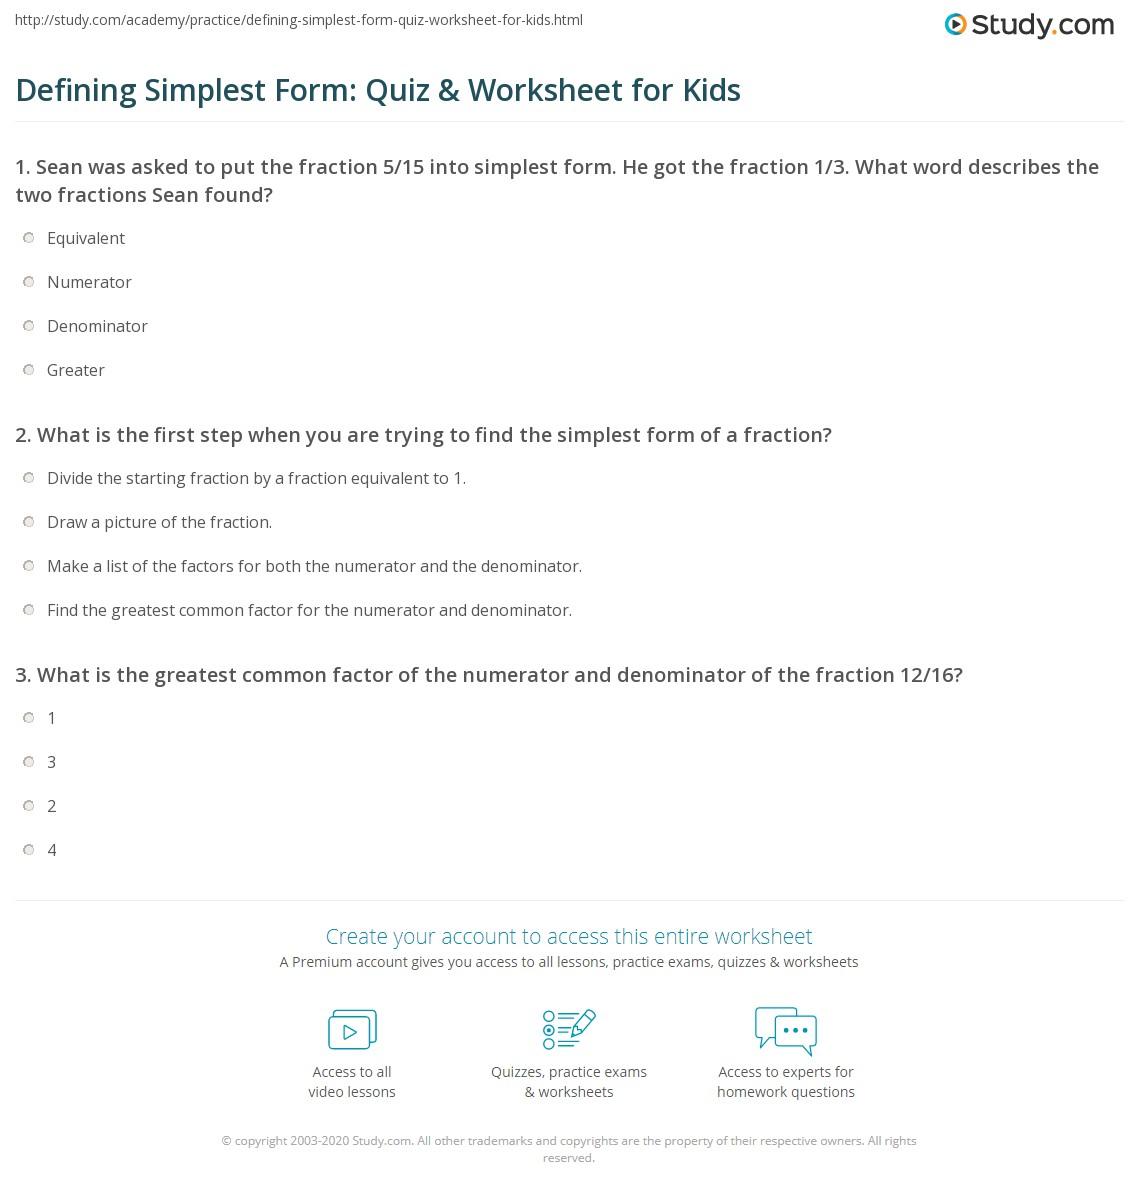 Defining Simplest Form: Quiz & Worksheet for Kids | Study.com